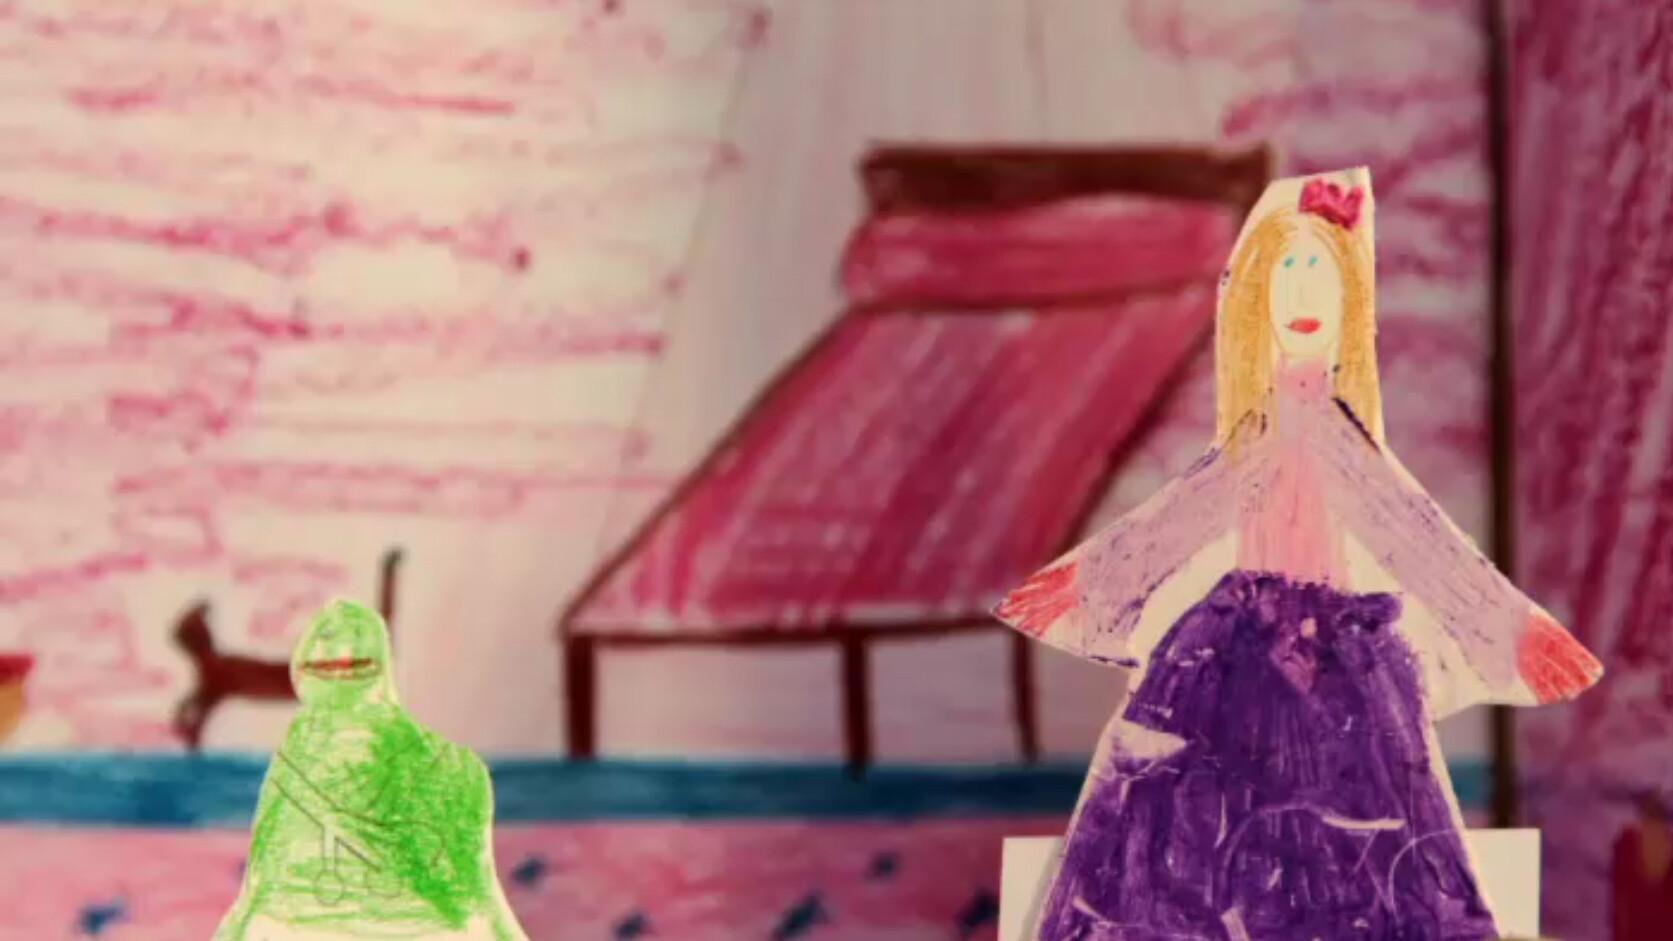 Schooltv: de kikkerprins een sprookje verteld in kindertekeningen